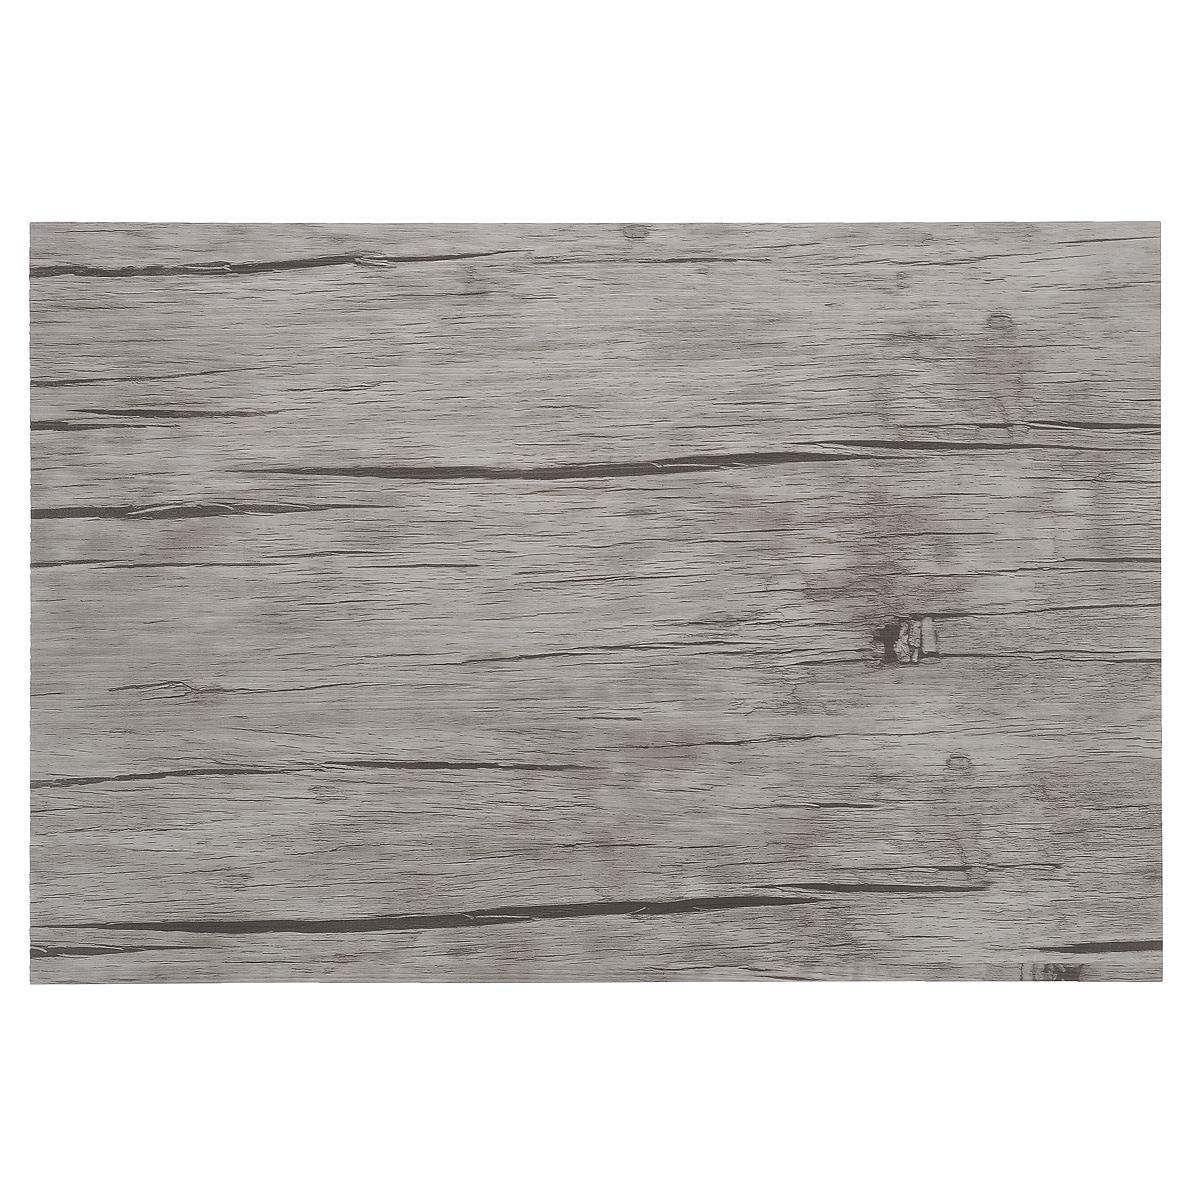 Подставка под горячее Hans & Gretchen, цвет: серый, 45 х 30 см. 28HZ-9065 подставка под горячее togas андре цвет синий серый 45 х 33 см